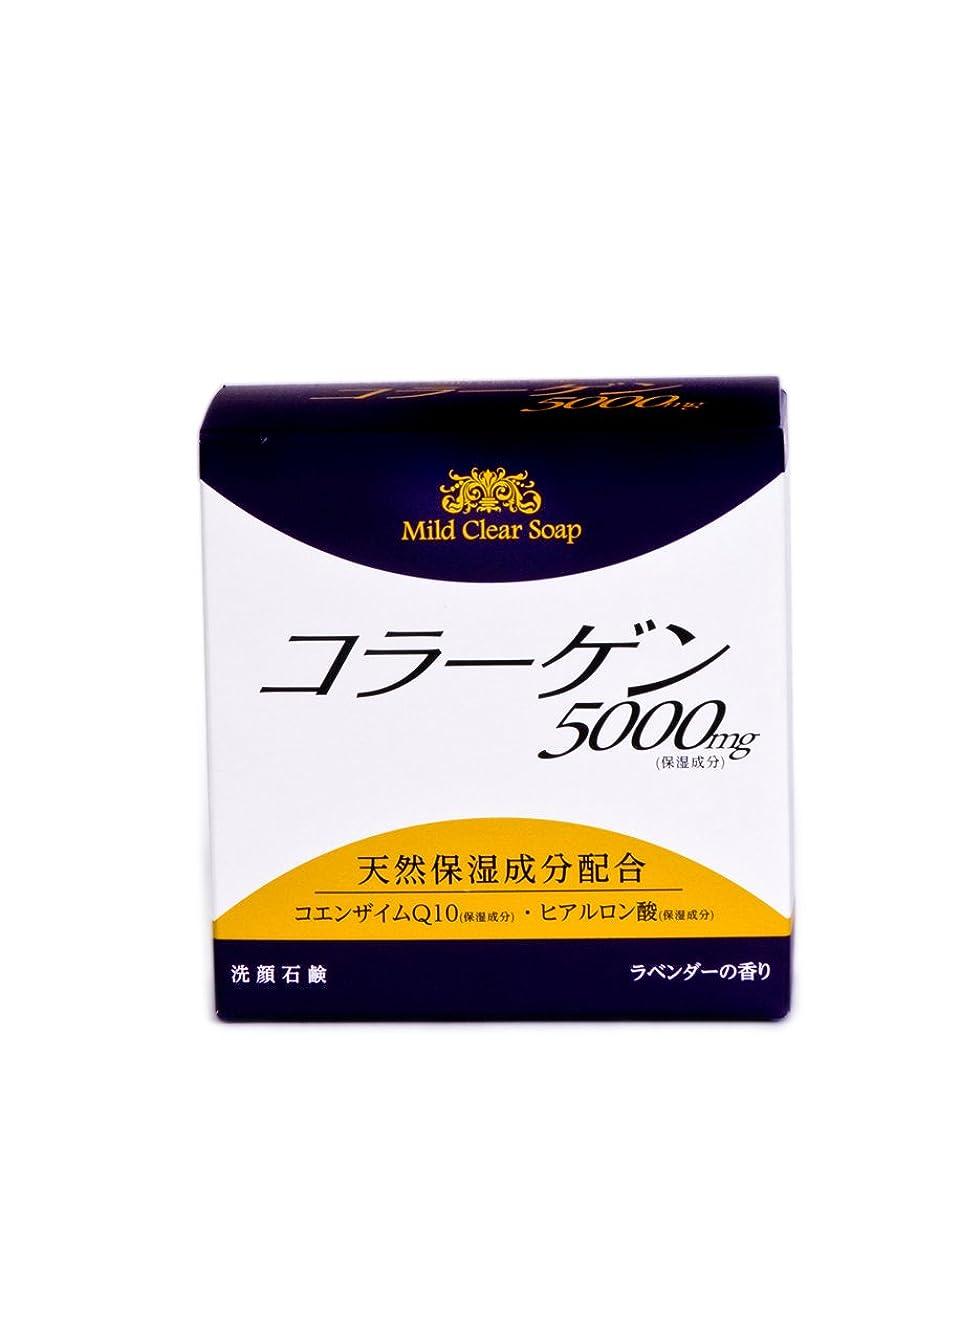 ノイズ残るパッケージカインド マイルドクリアソープ コラーゲン石鹸 100g